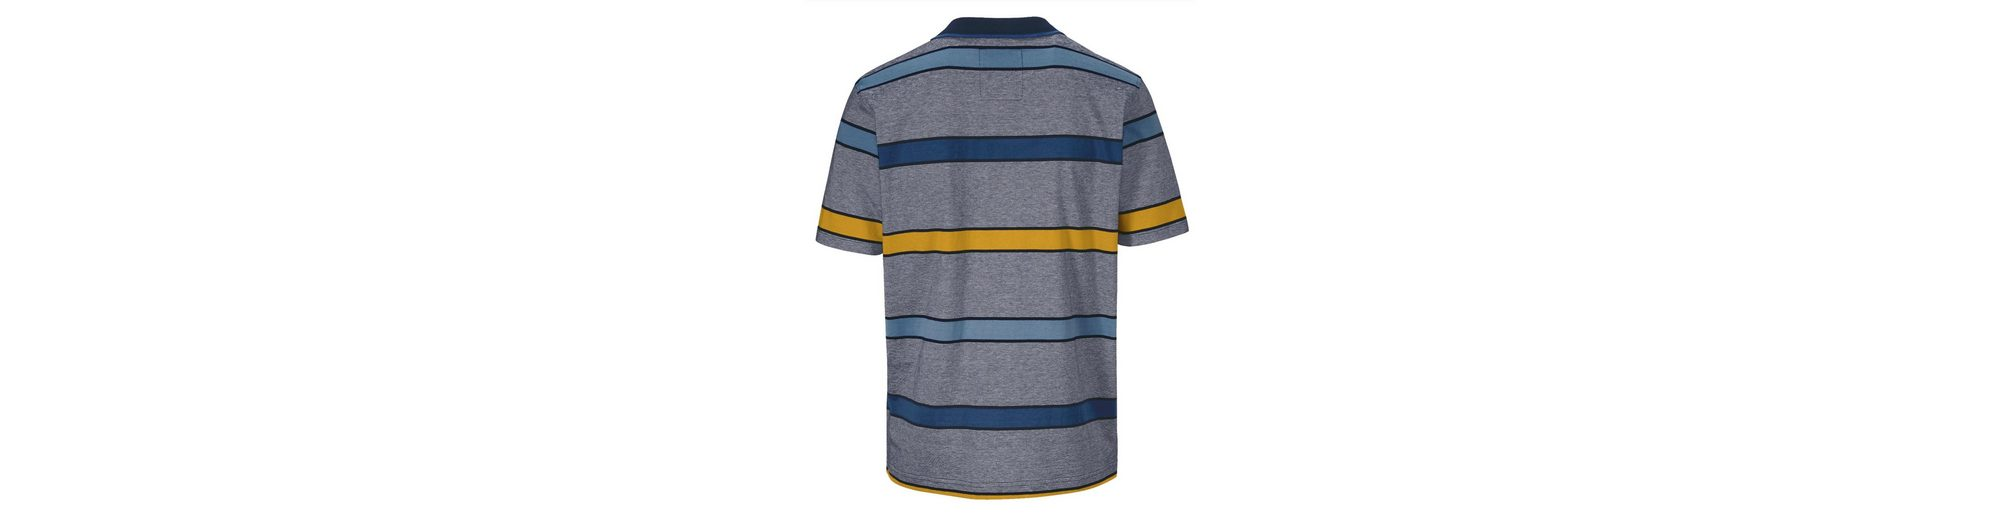 Babista Poloshirt in Single Jersey Online Einkaufen 100% Original Online-Verkauf Günstiger Preis Versandkosten Für Beste Billig Footlocker S80D4a